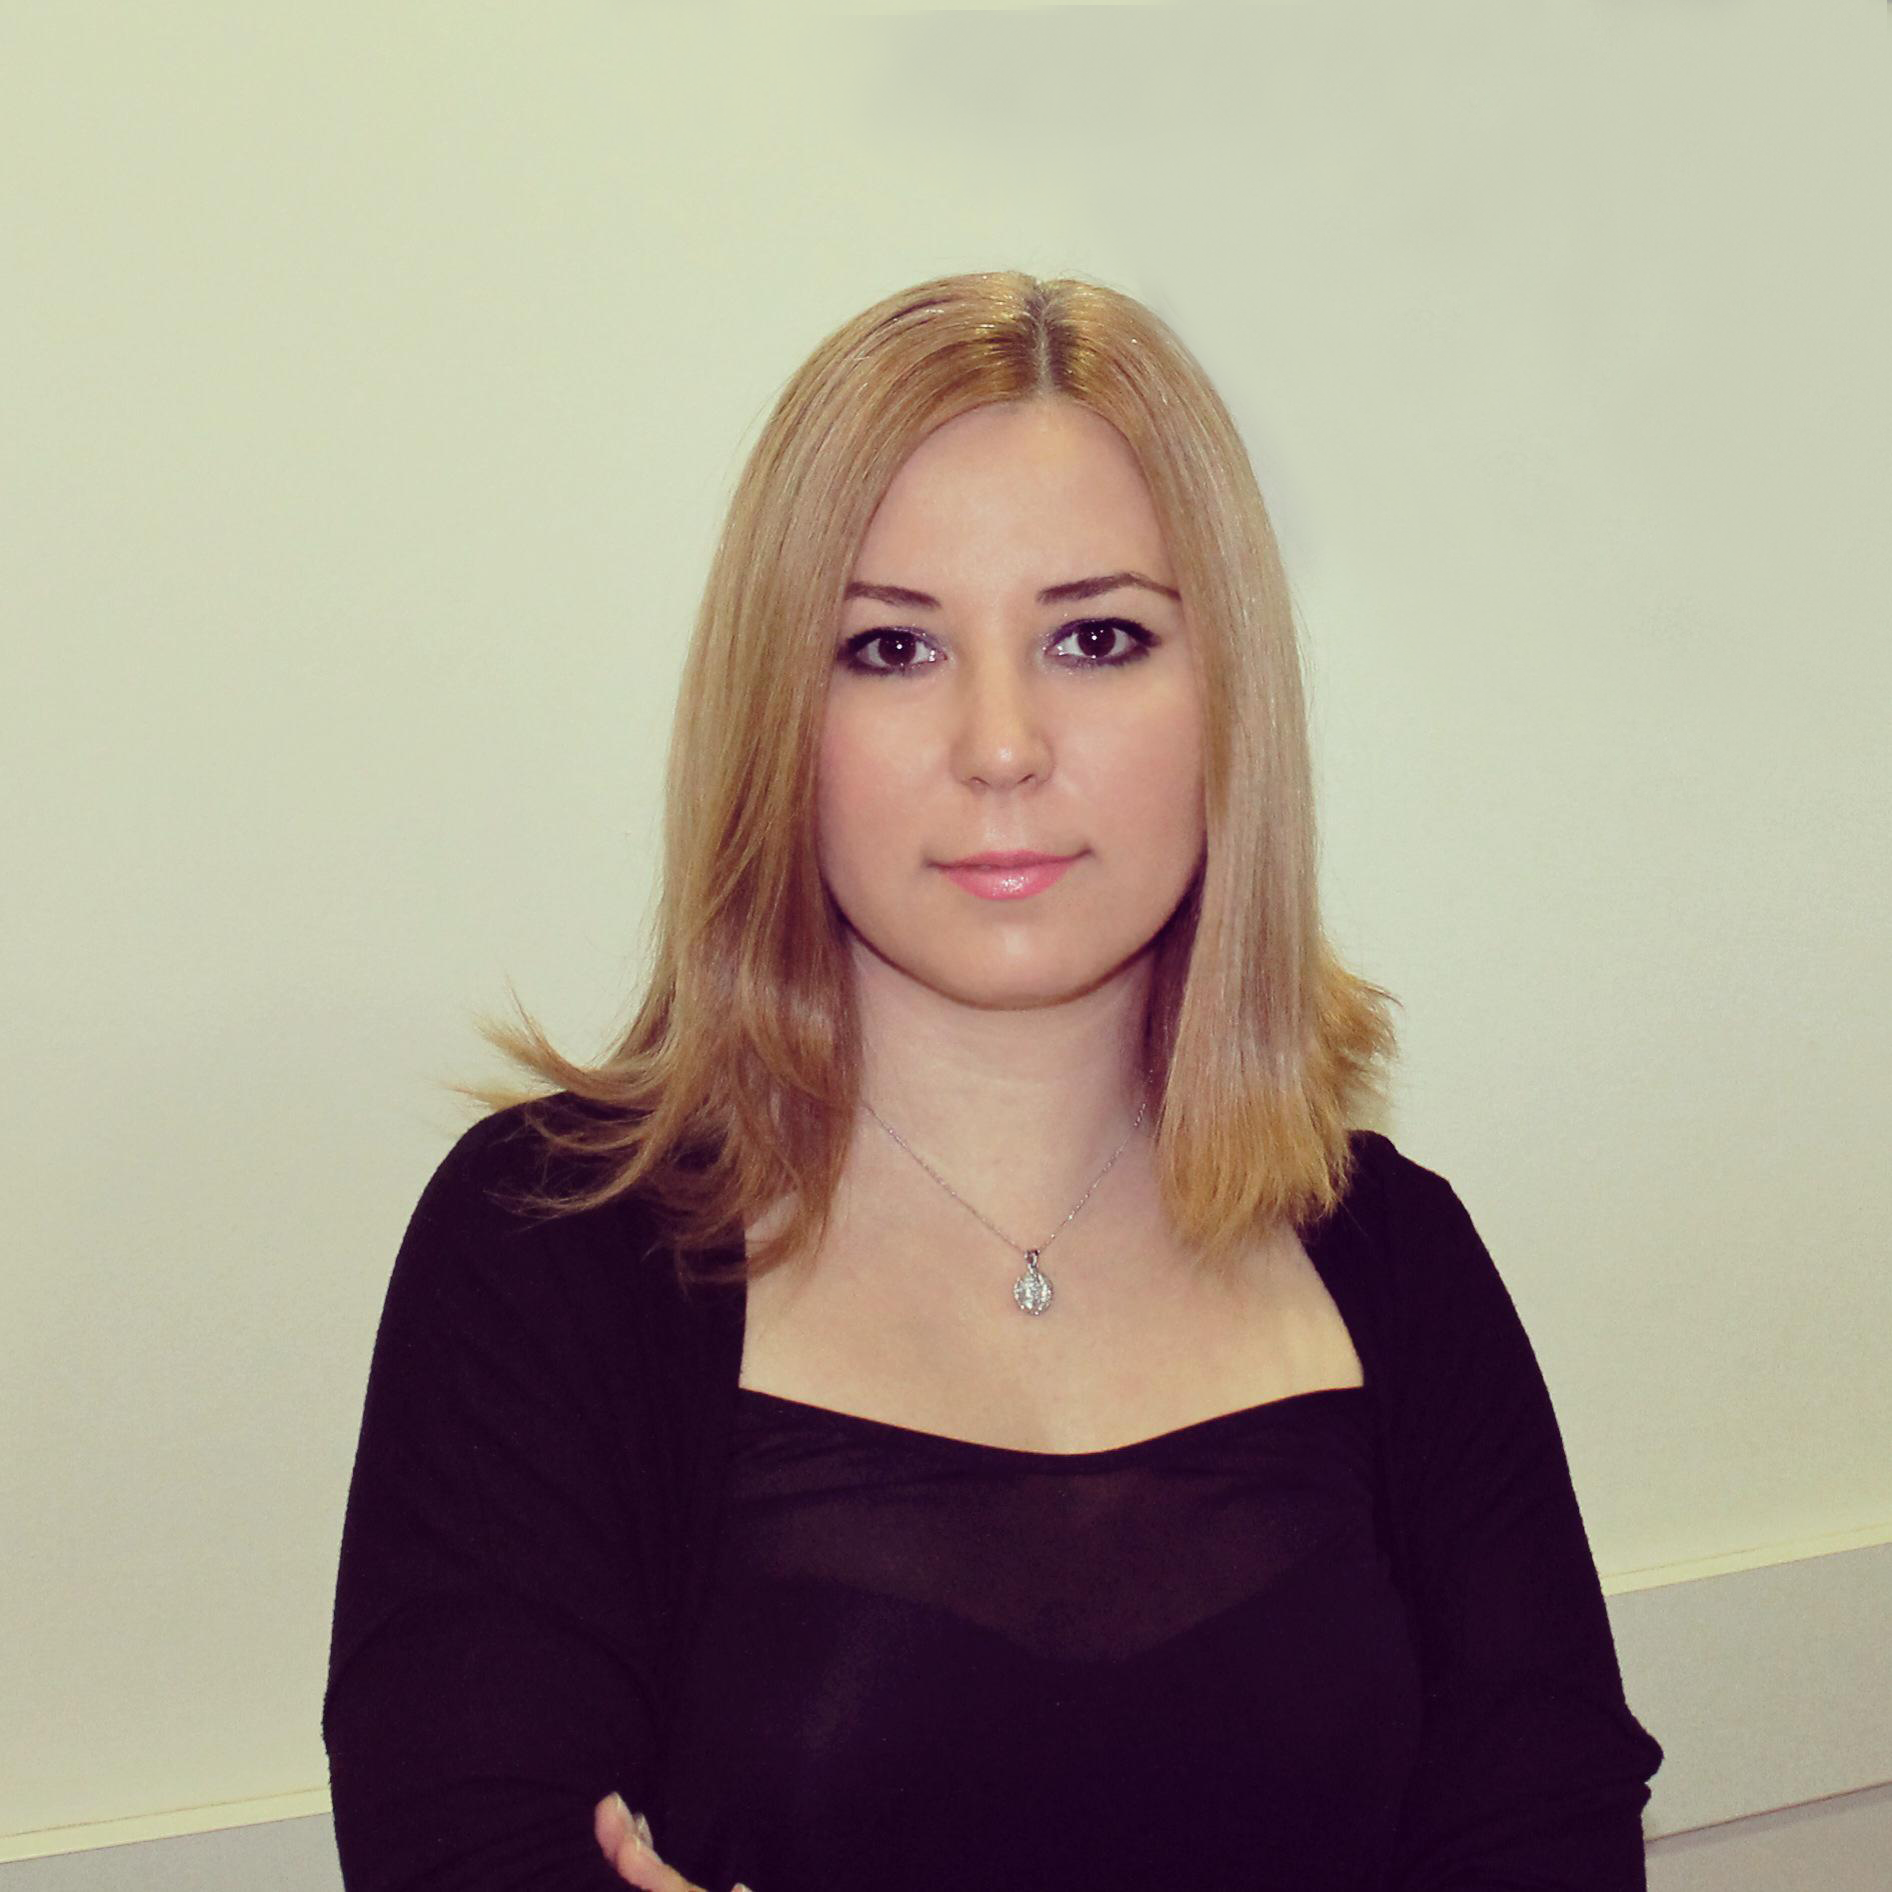 Ekin Photo